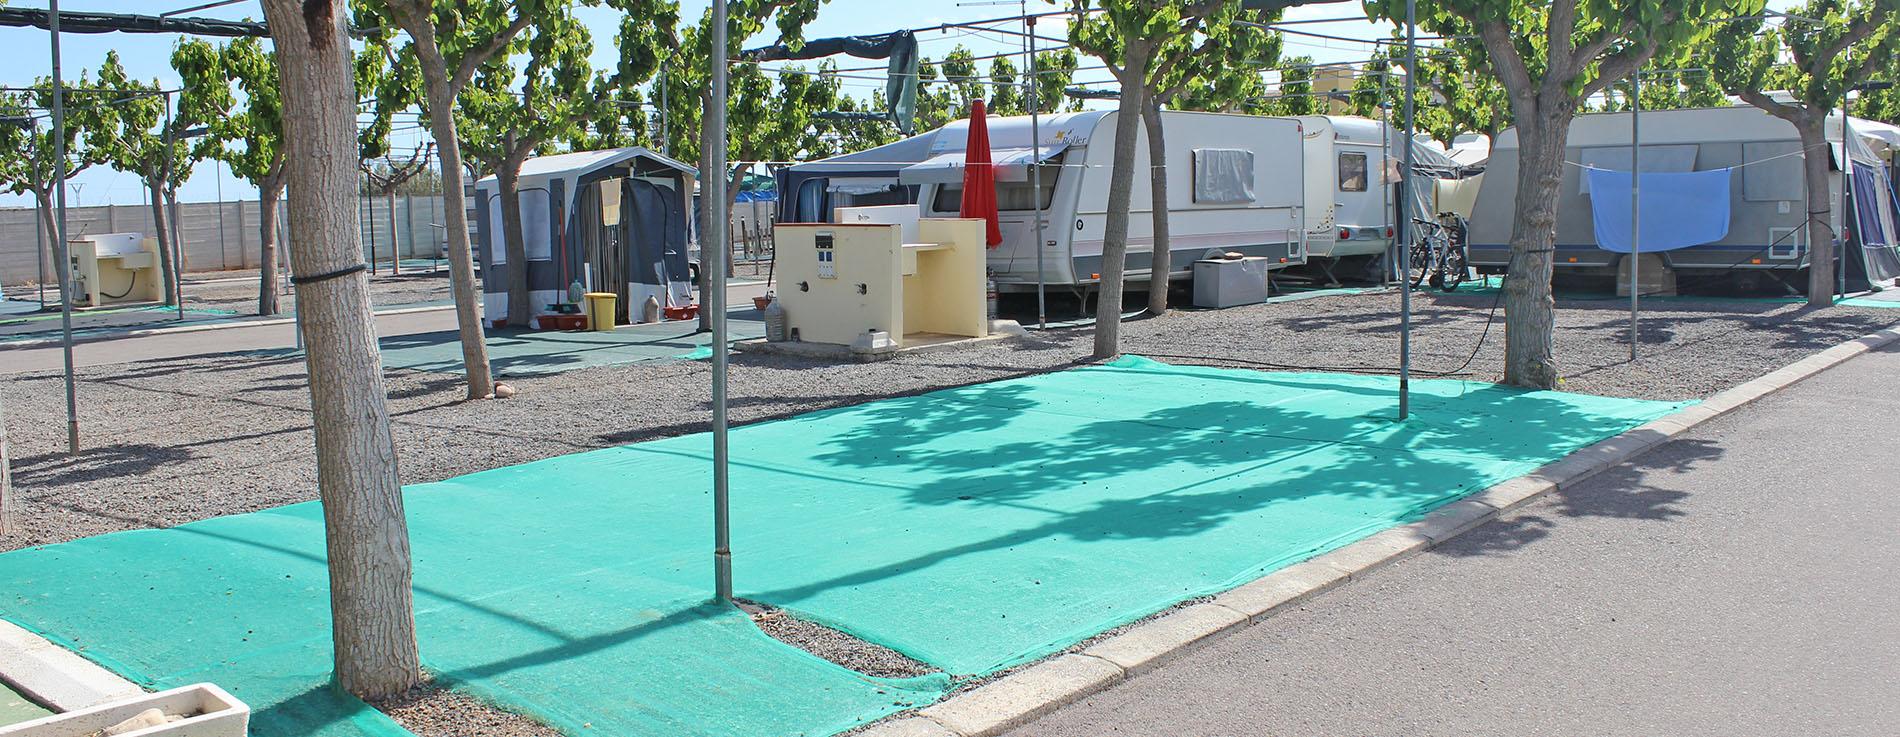 Plazas de caravana totalmente adecuadas y organizadas, con amplio espacio de aparcamiento